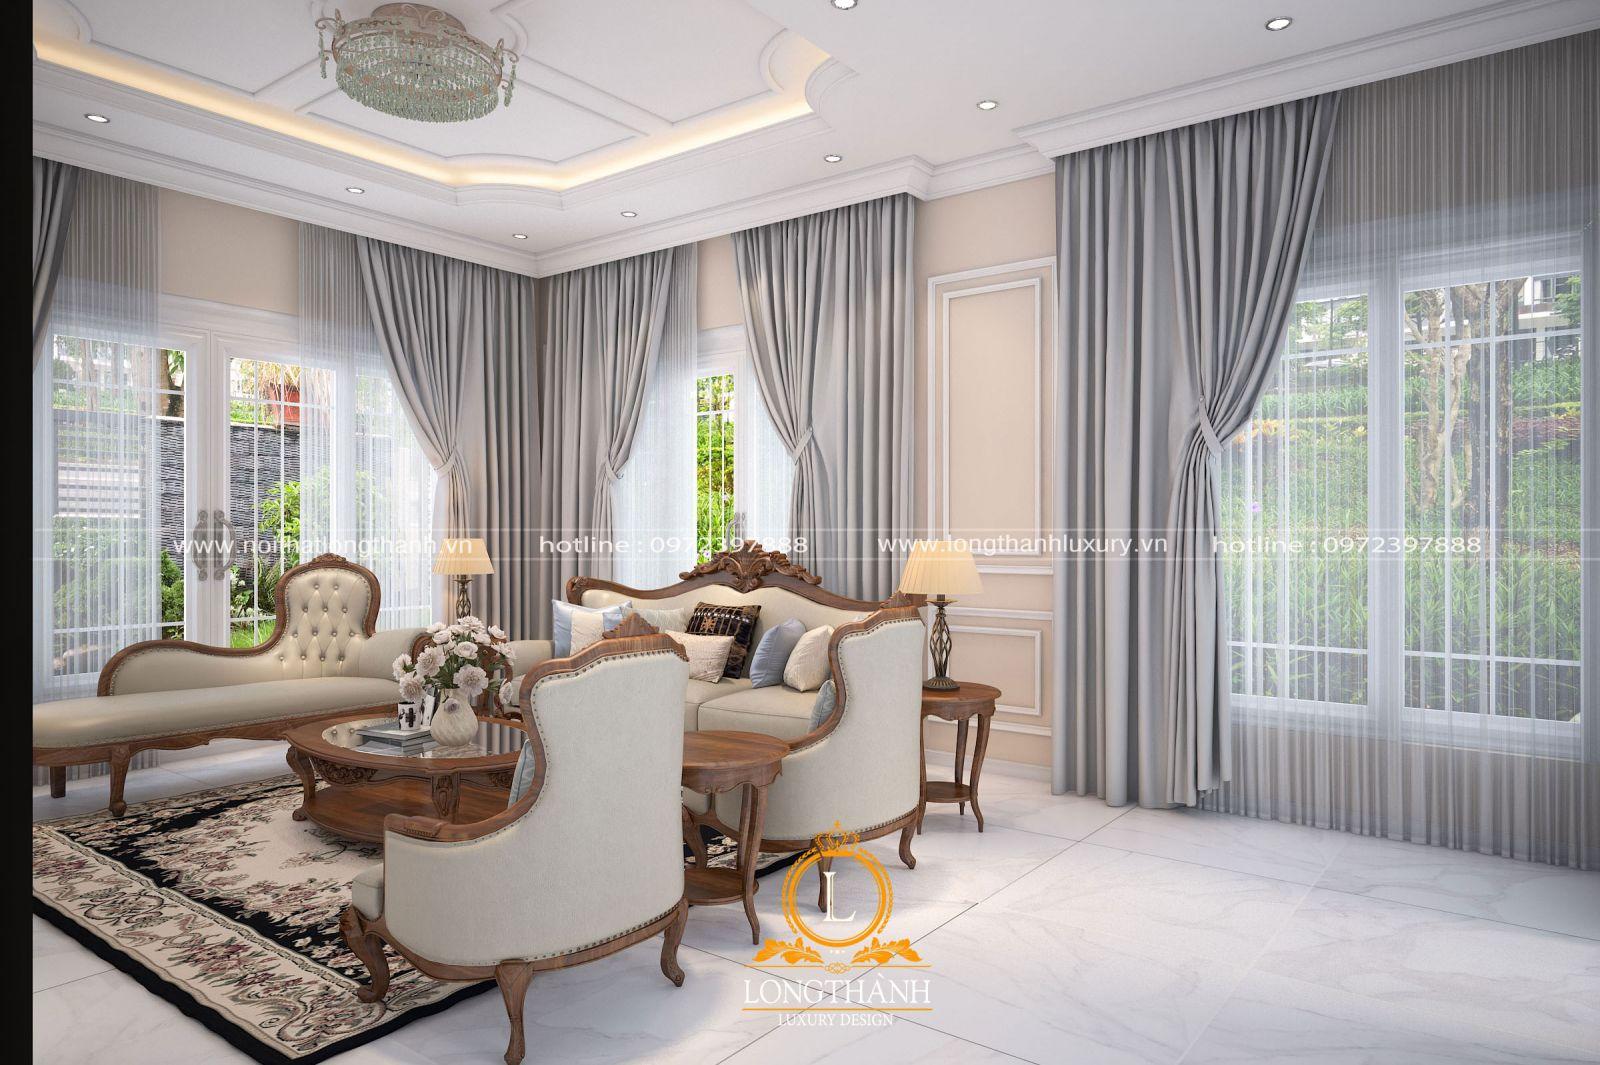 Bộ sofa tân cổ điển với chất lượng cao cấp